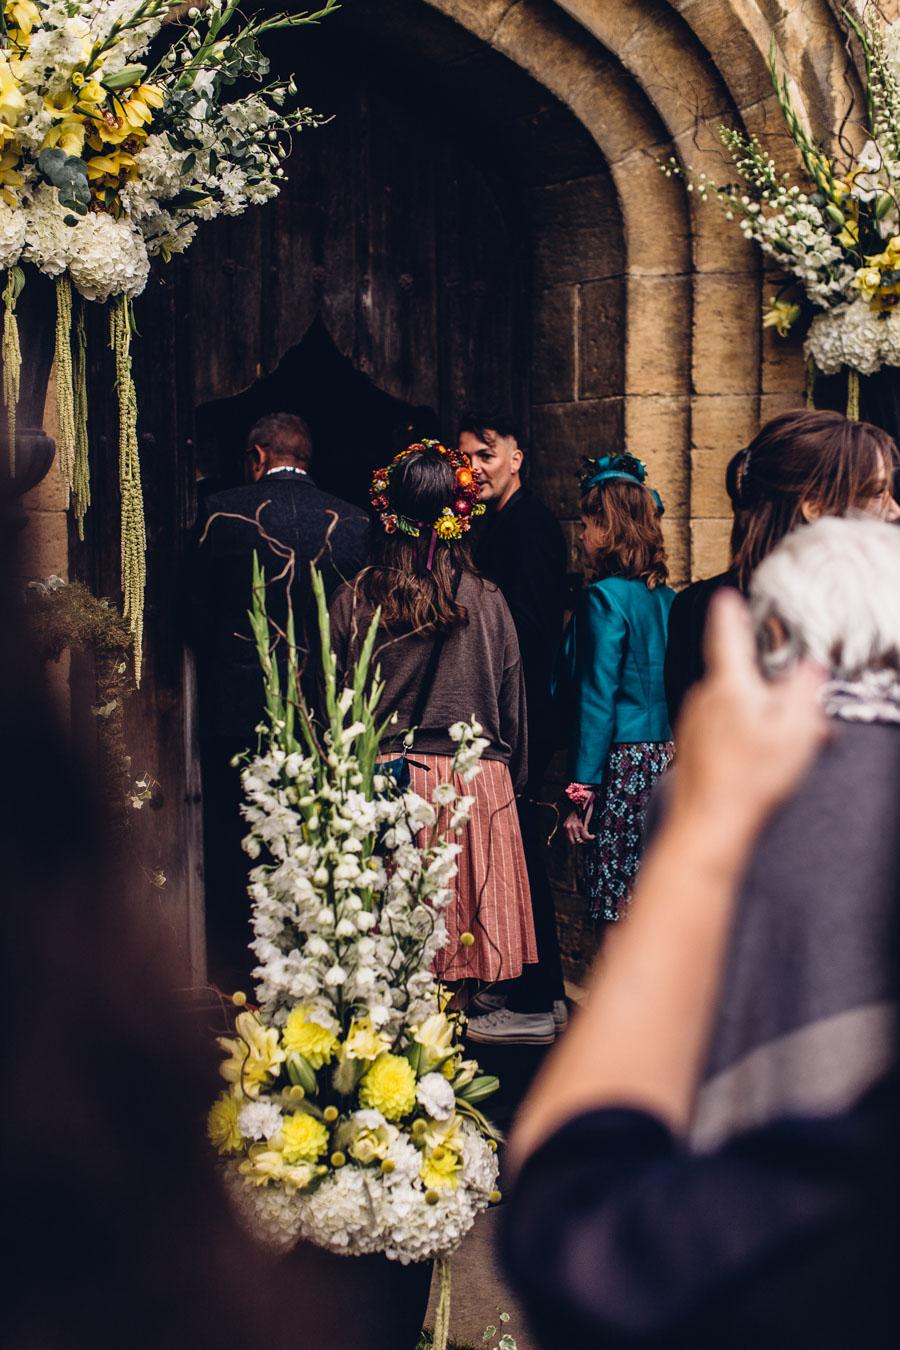 Leeds Castle Flower Festival 2018